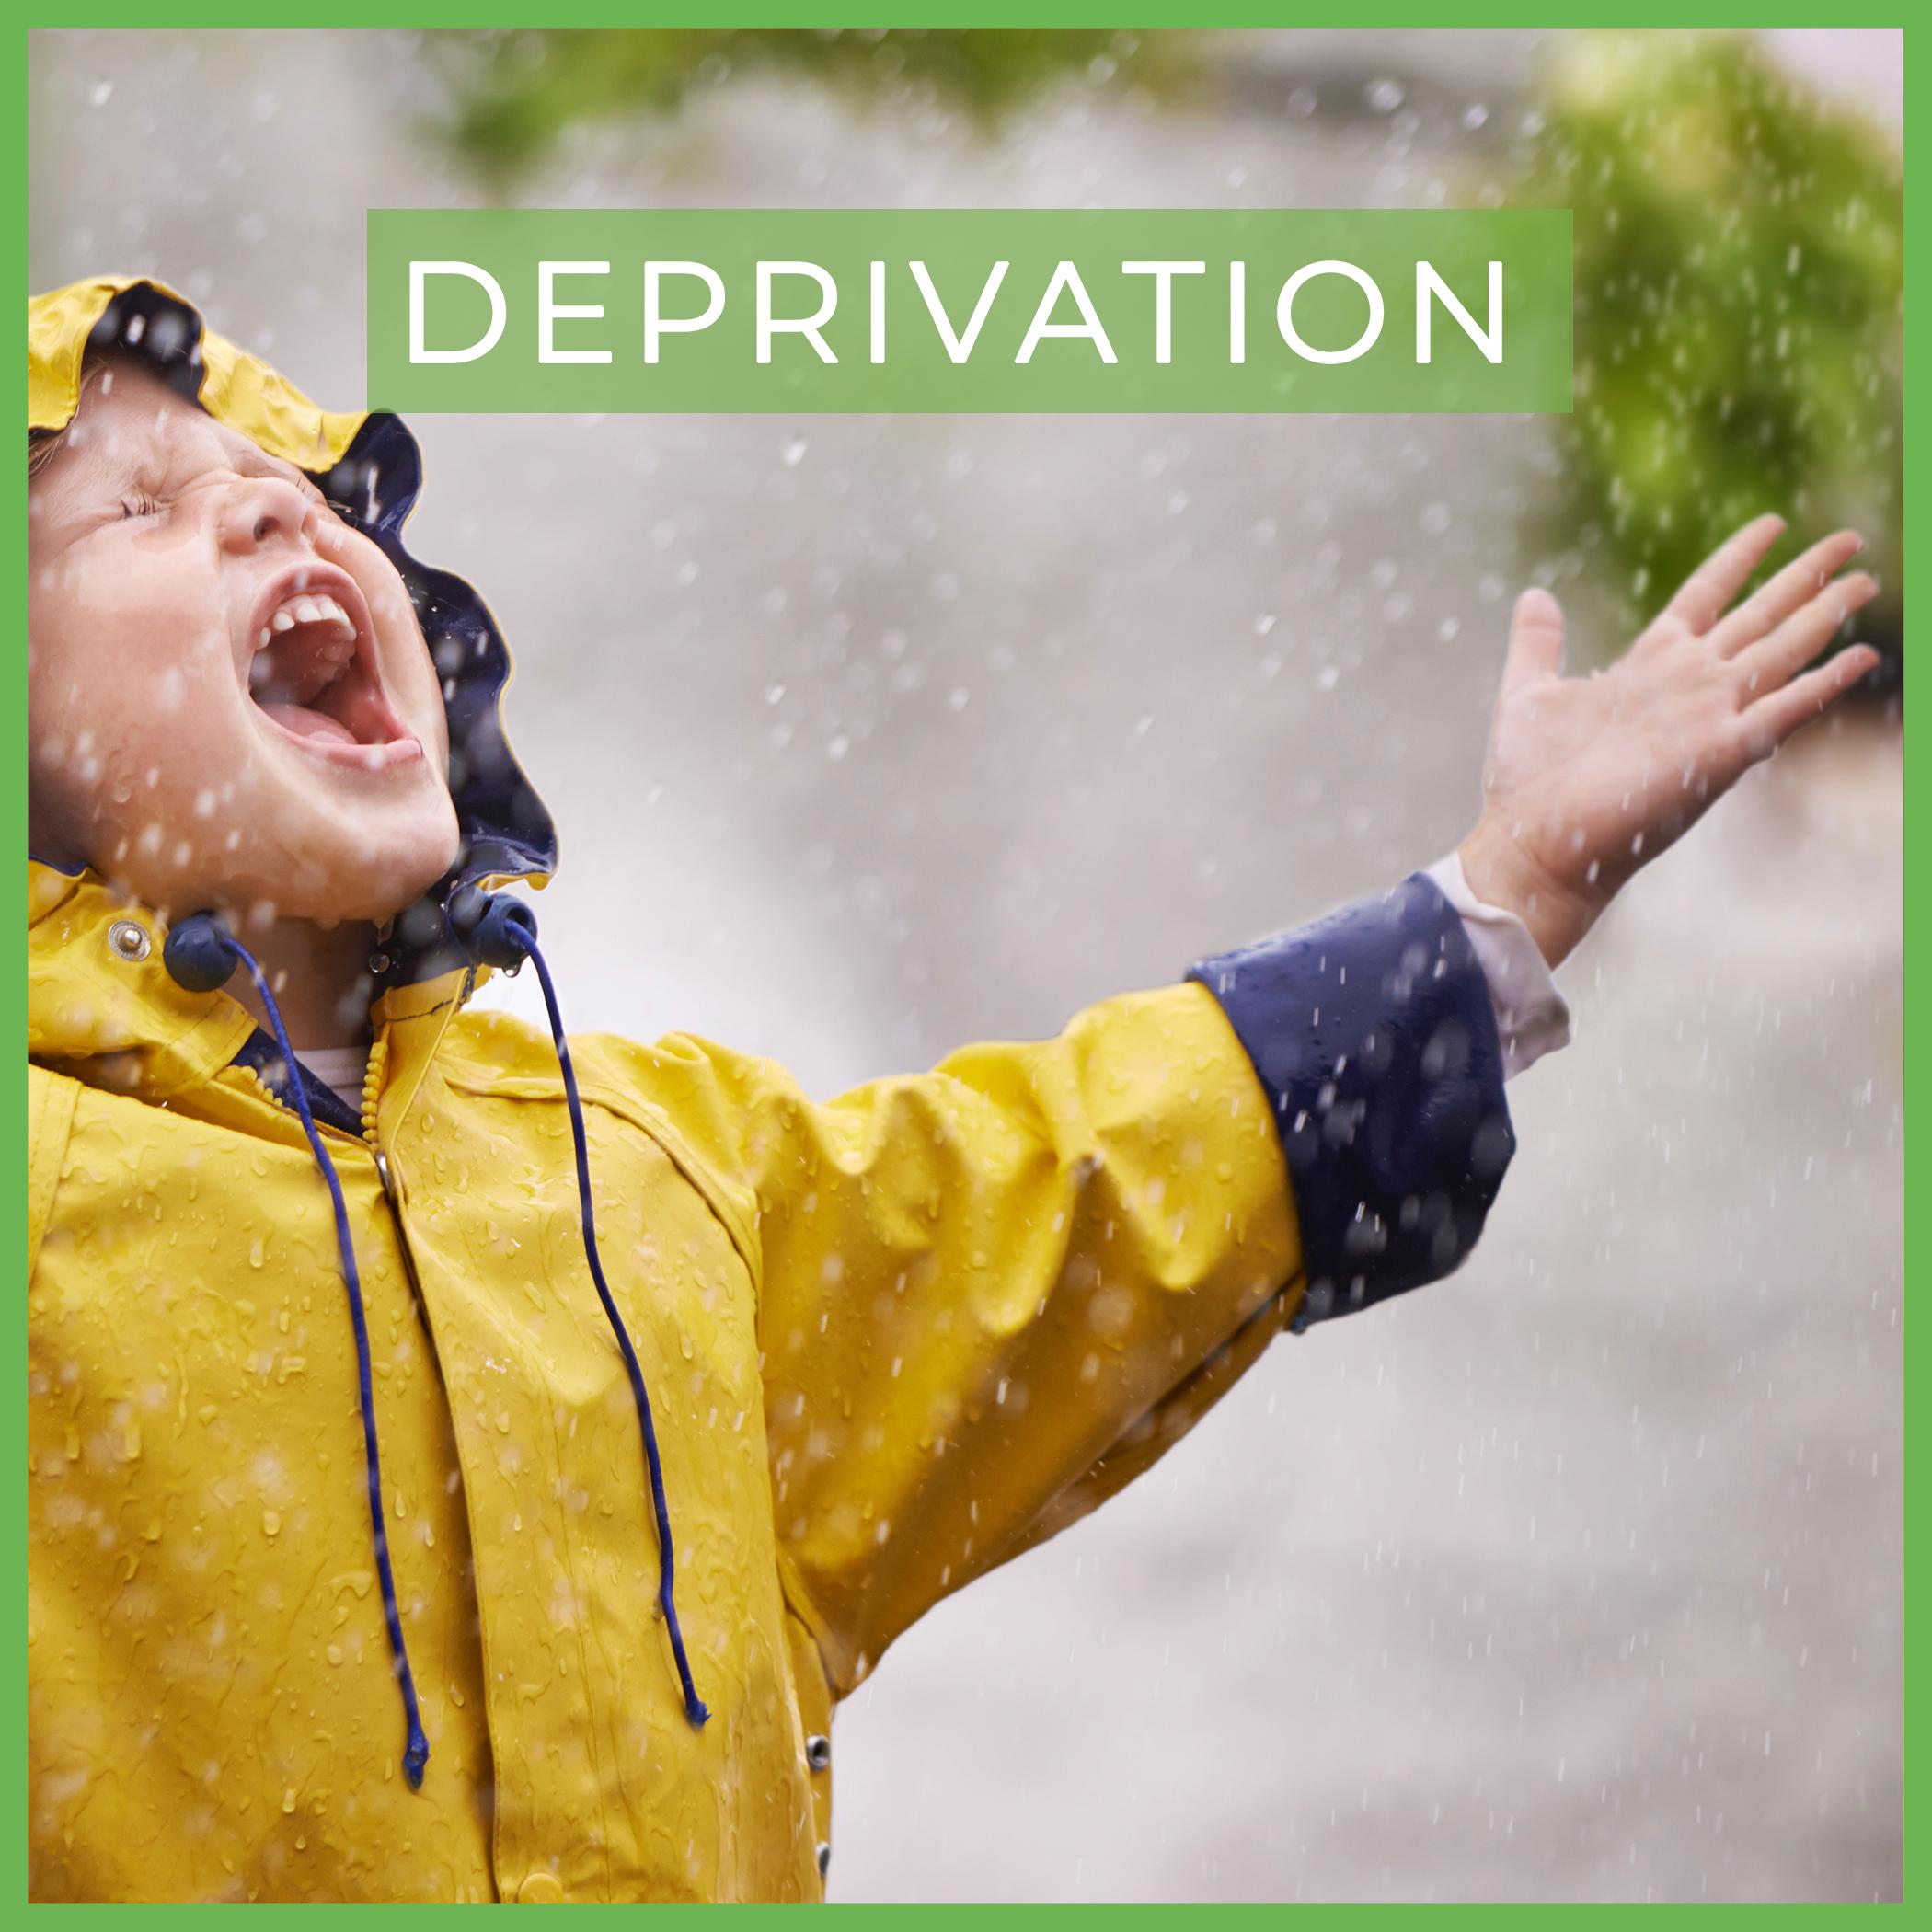 deprivation.png